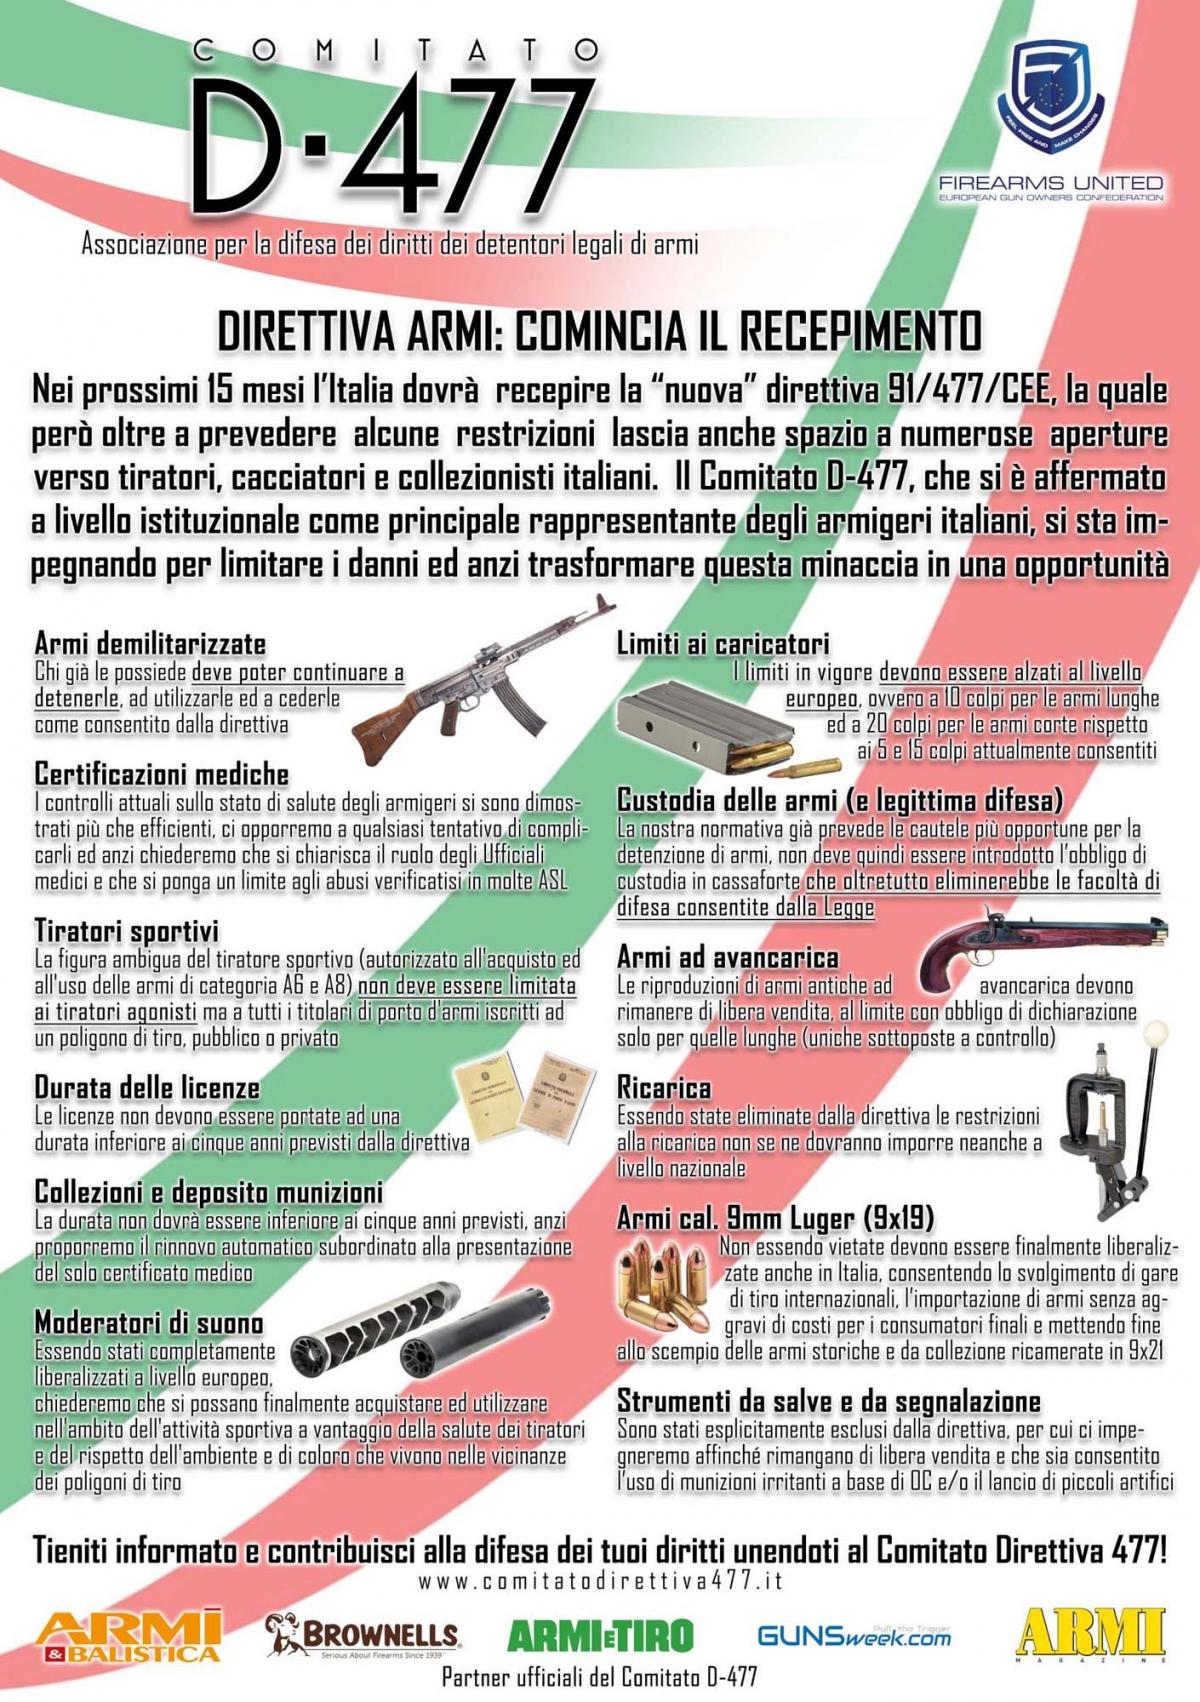 Direttiva Armi: il comparto italiano si prepara in vista del recepimento delle nuove norme